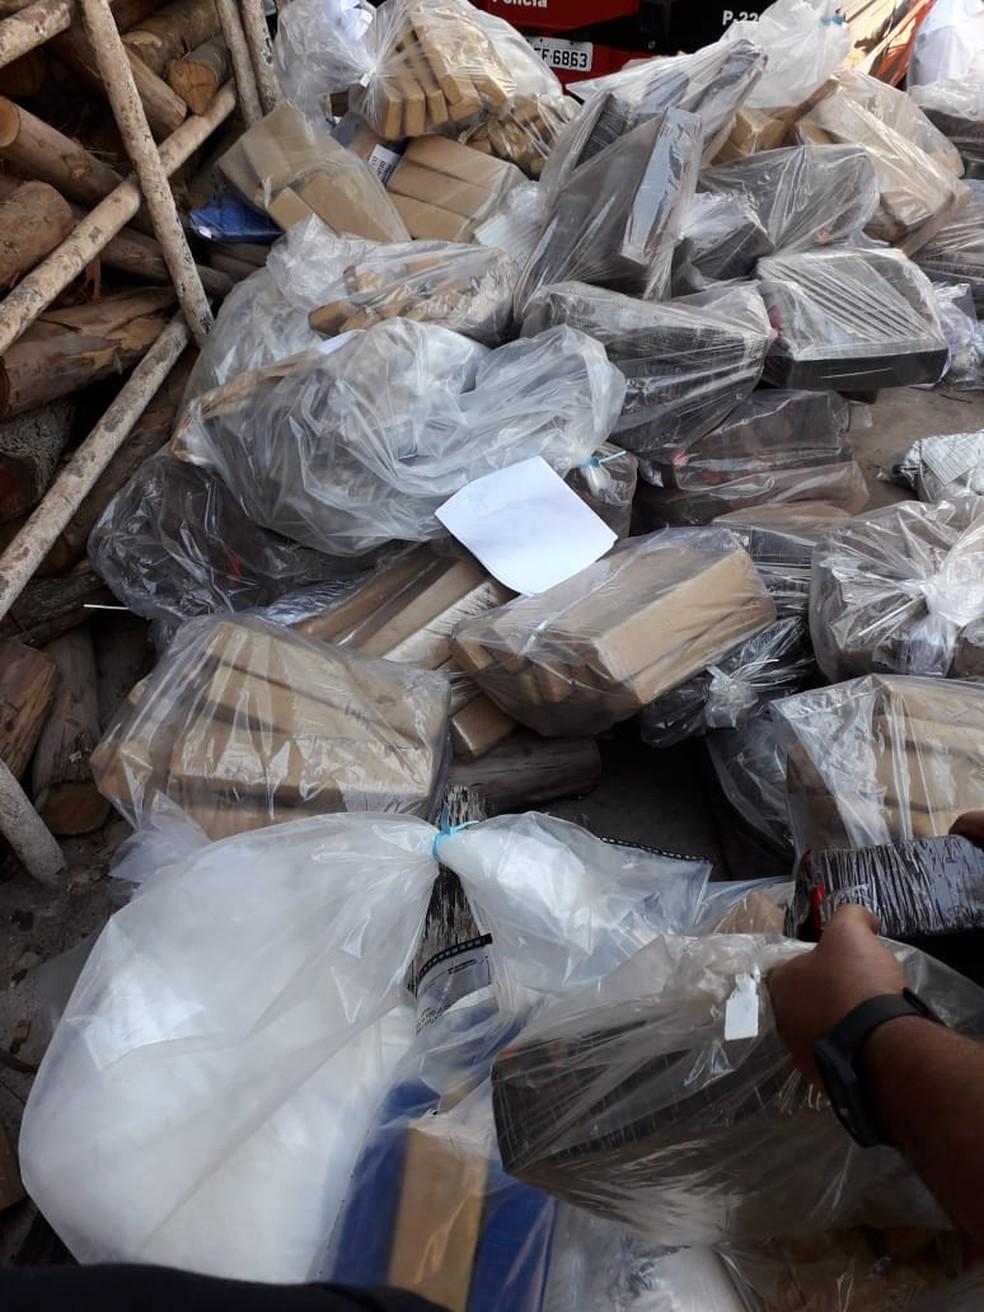 Drogas foram apreendidas nos últimos seis meses na região de Rio Preto — Foto: Divulgação/Polícia Civil